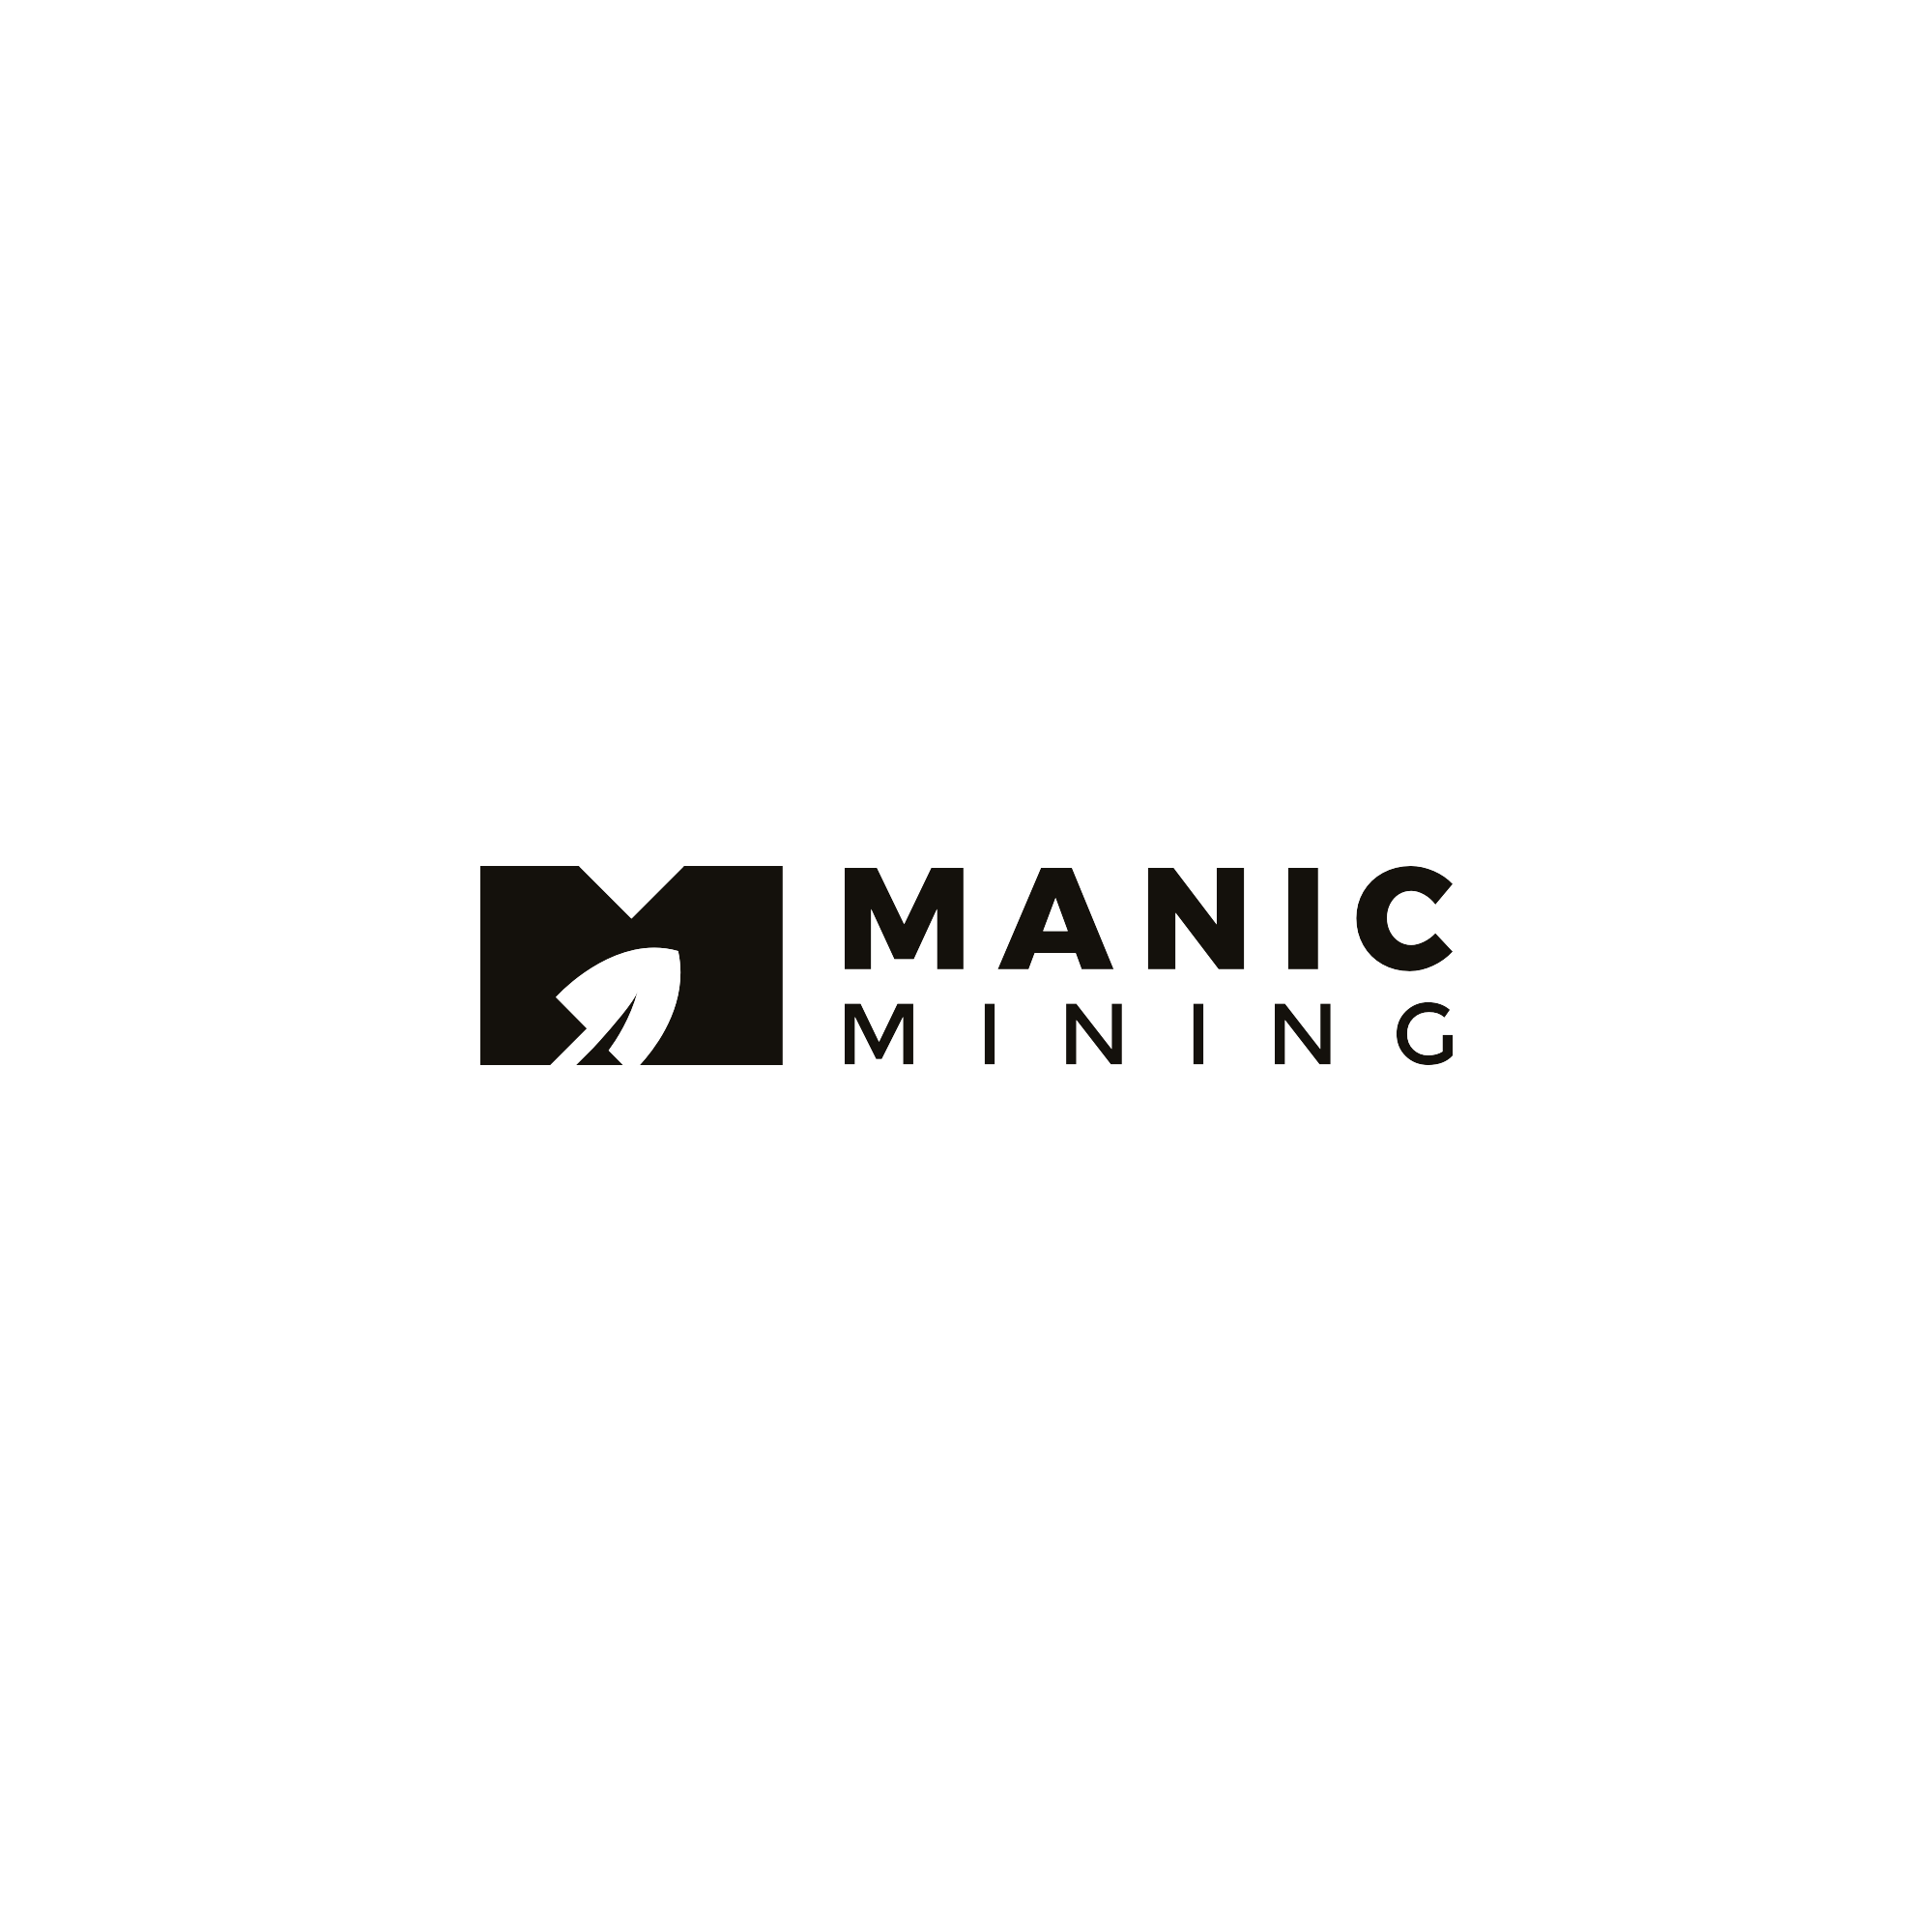 New Crypto mining company needs a logo that WOWS